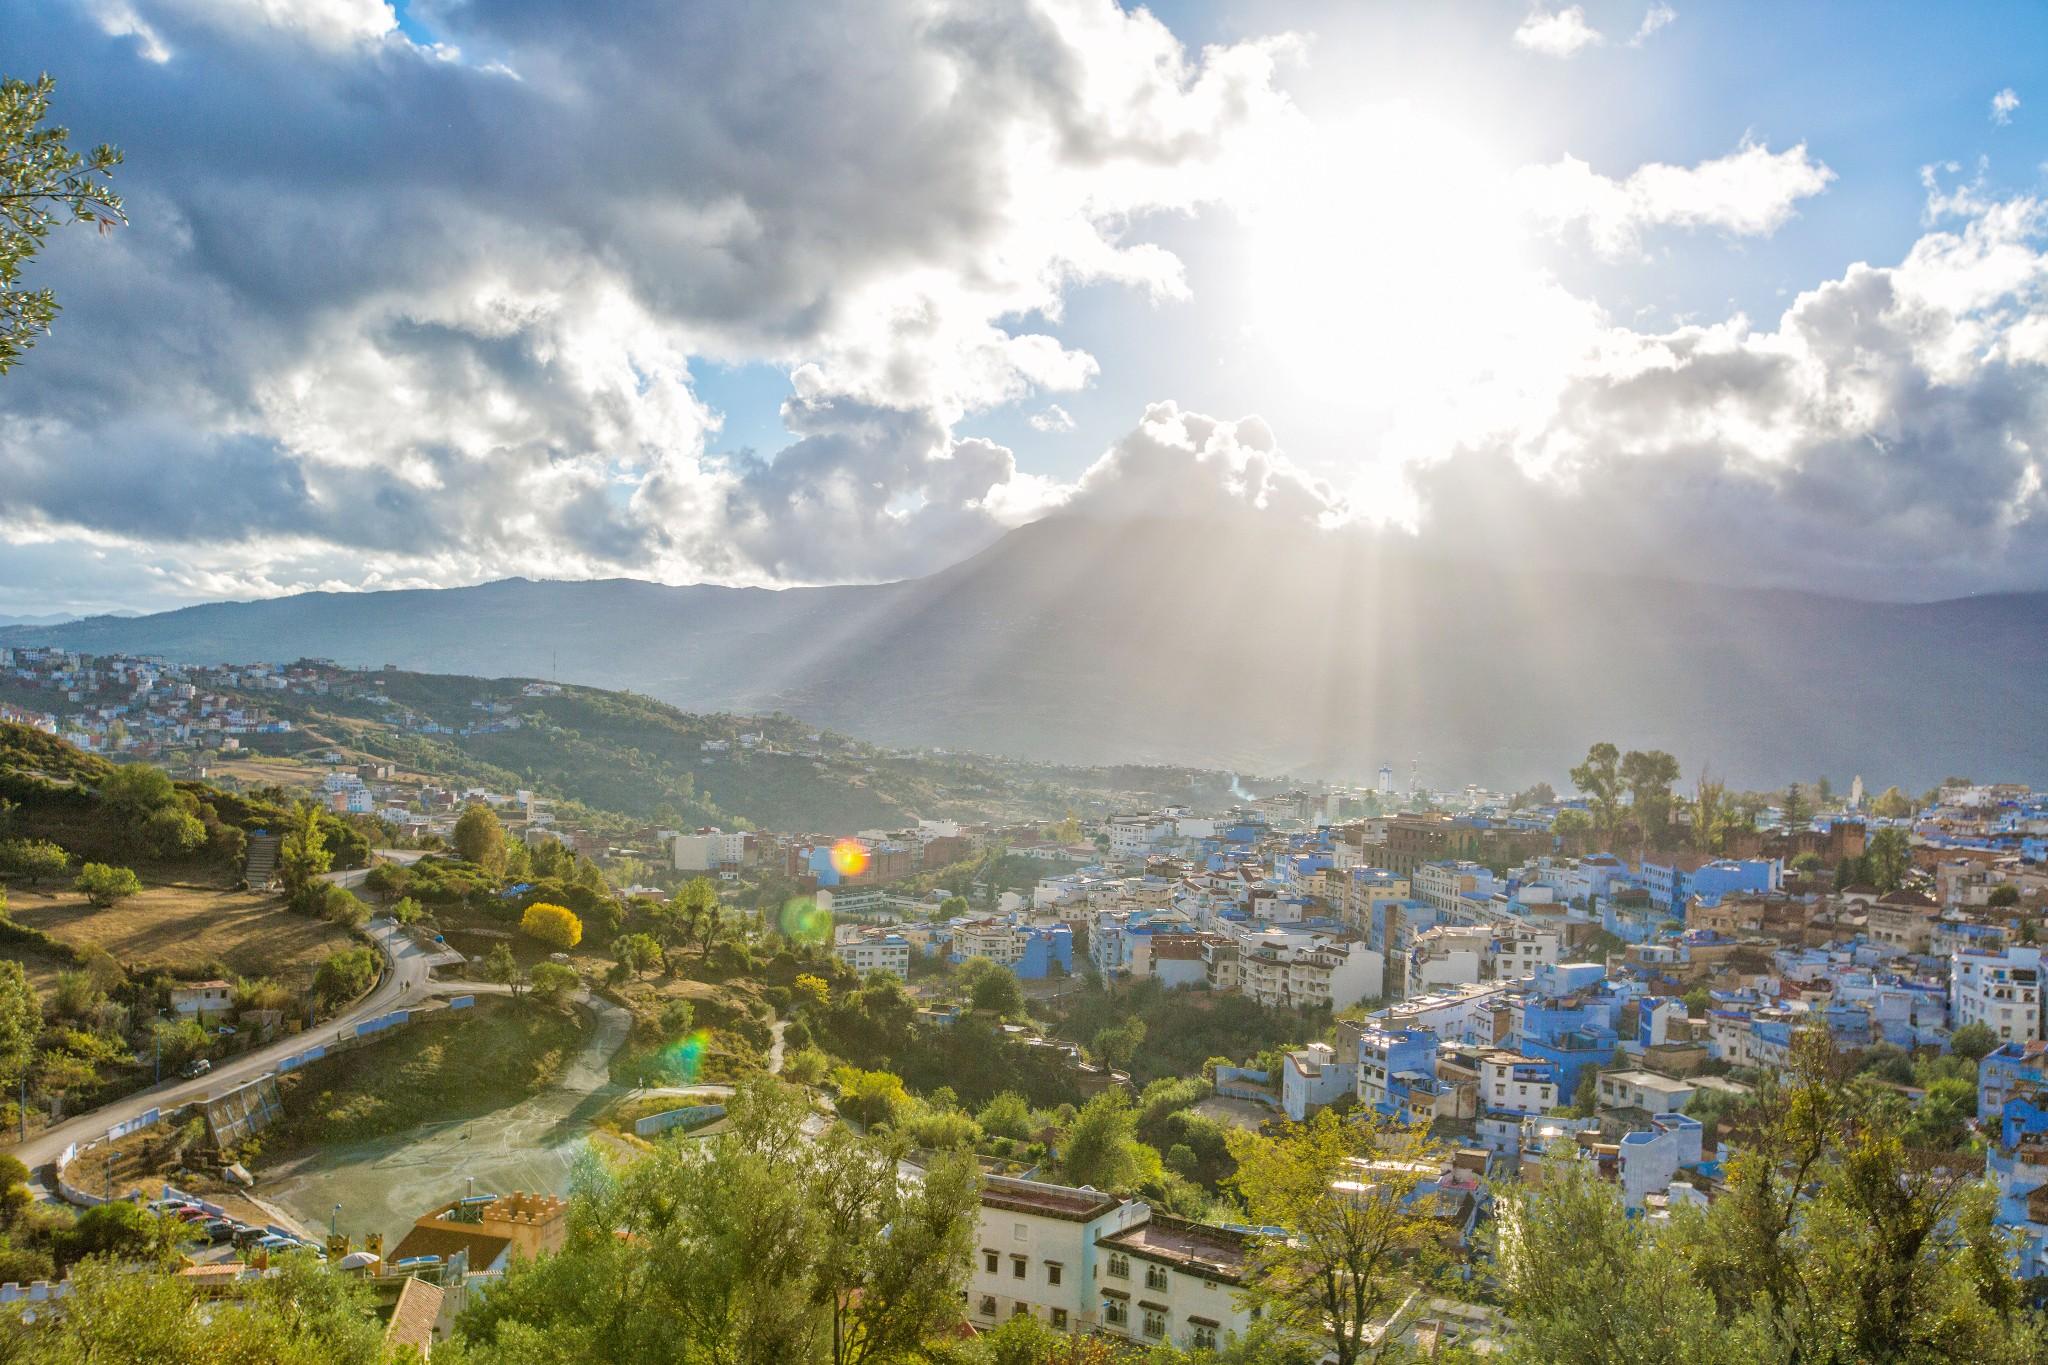 摩洛哥,有多少的高山长河,就有多少的风情万种